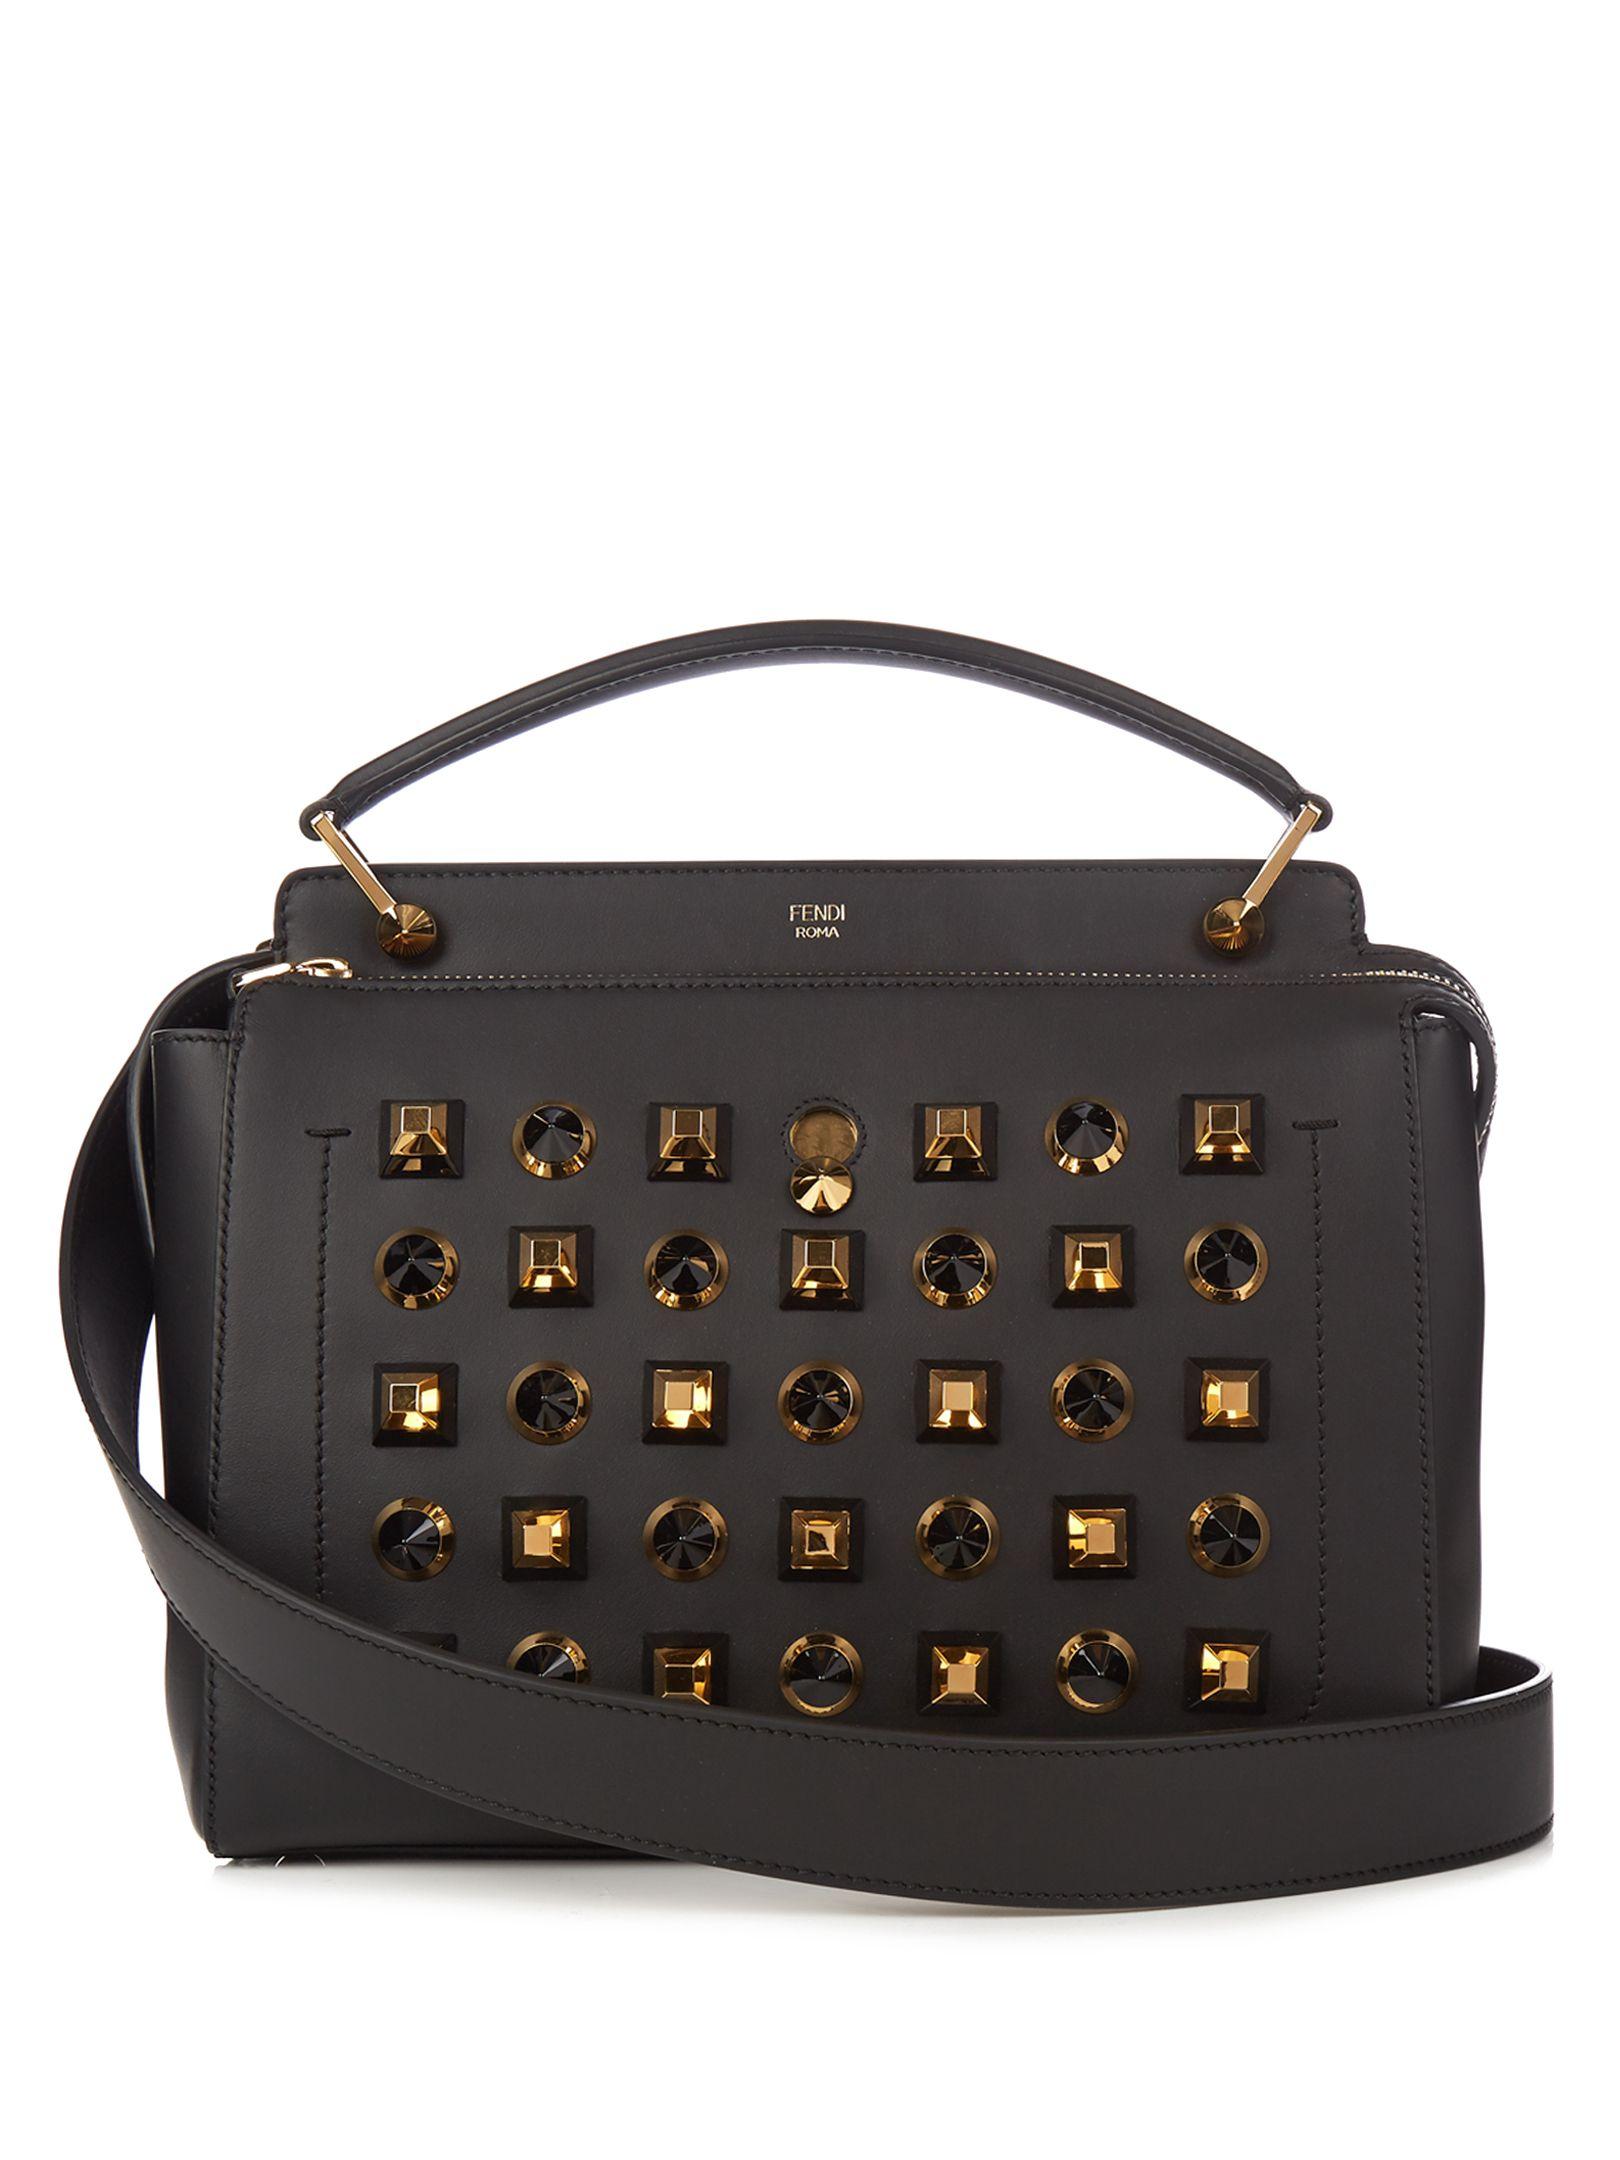 a40f0d0fcafd Dotcom embellished leather bag